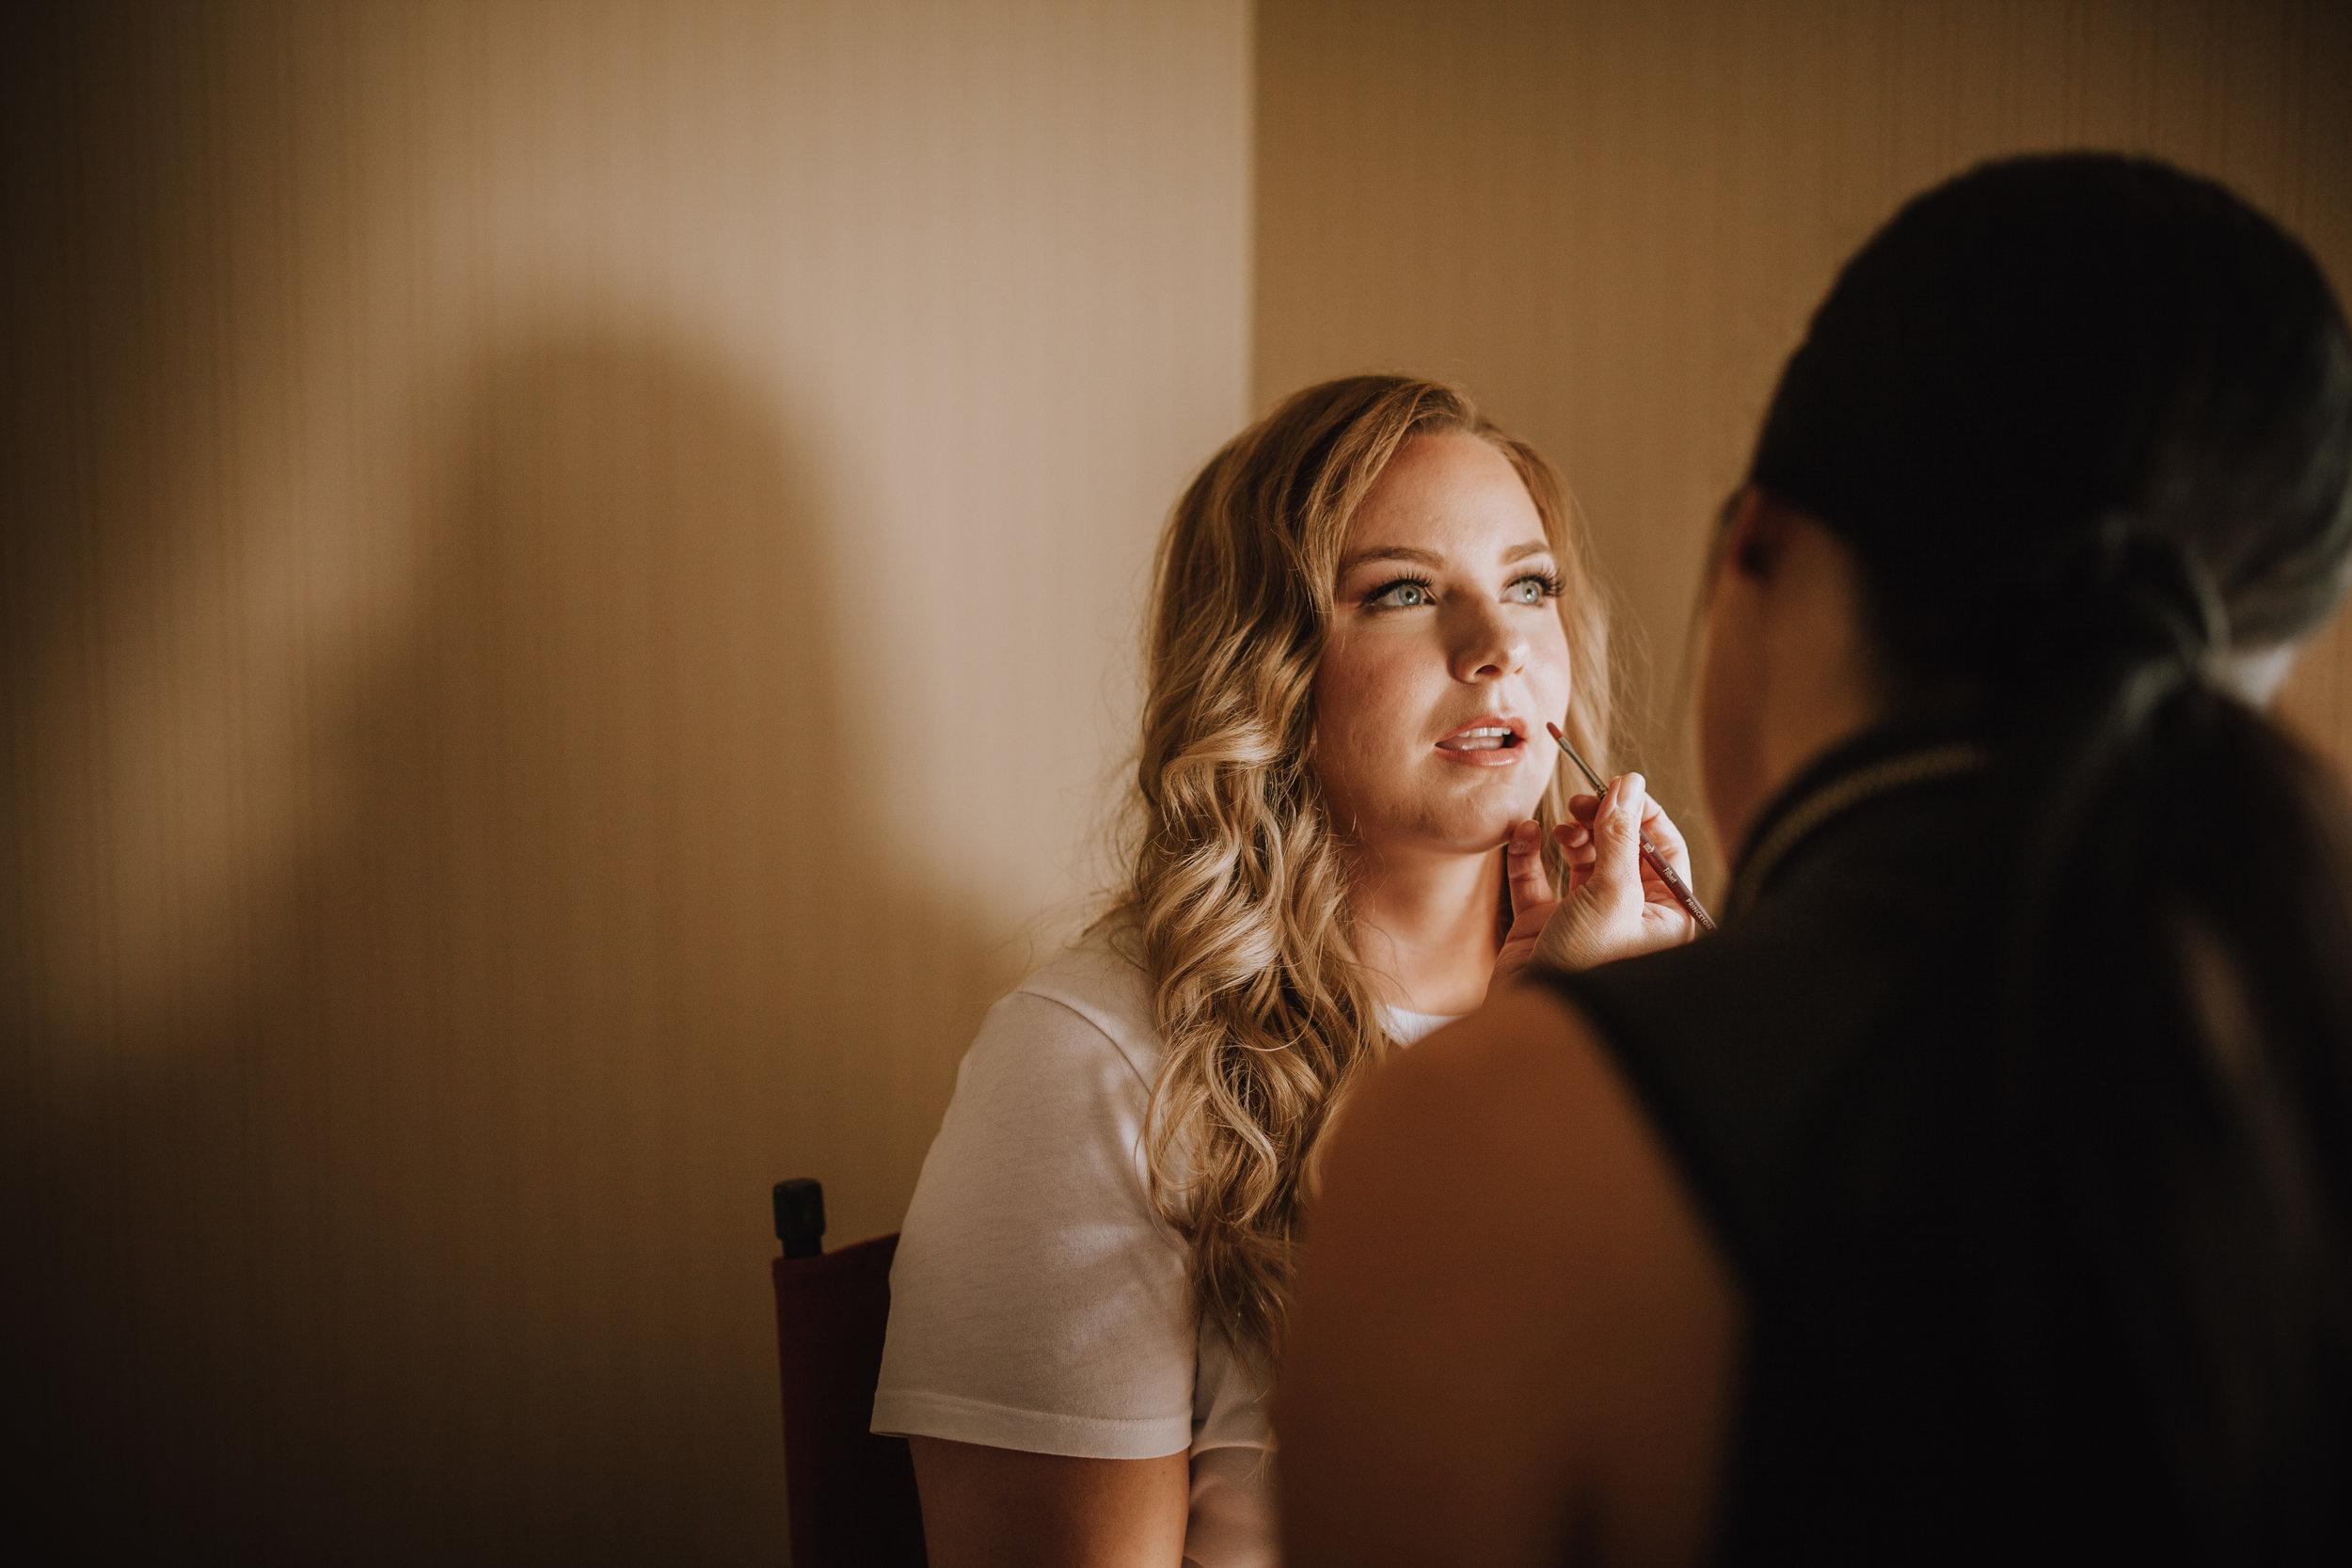 Brittany + Daniel 2 - Getting Ready-29.jpg